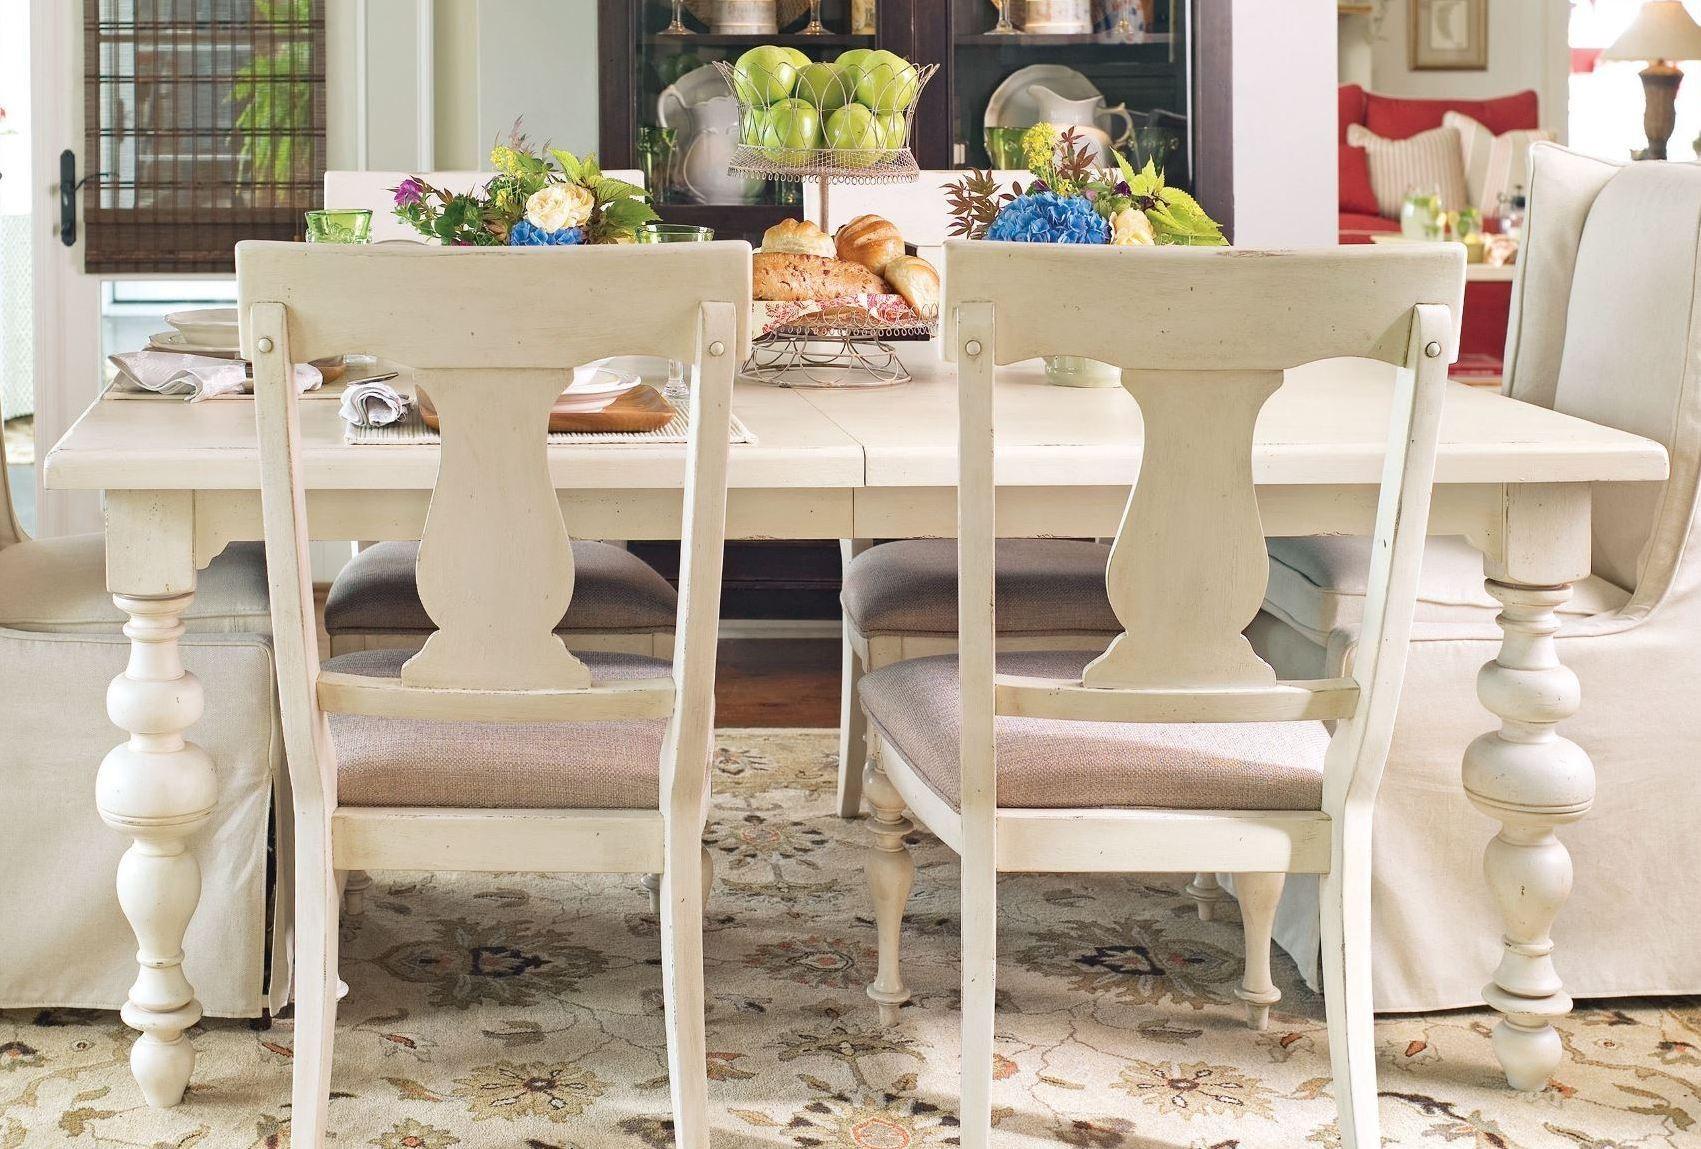 Paula Deen Home Linen Rectangular Extendable Dining Table  : 996653s12 from colemanfurniture.com size 1701 x 1149 jpeg 464kB